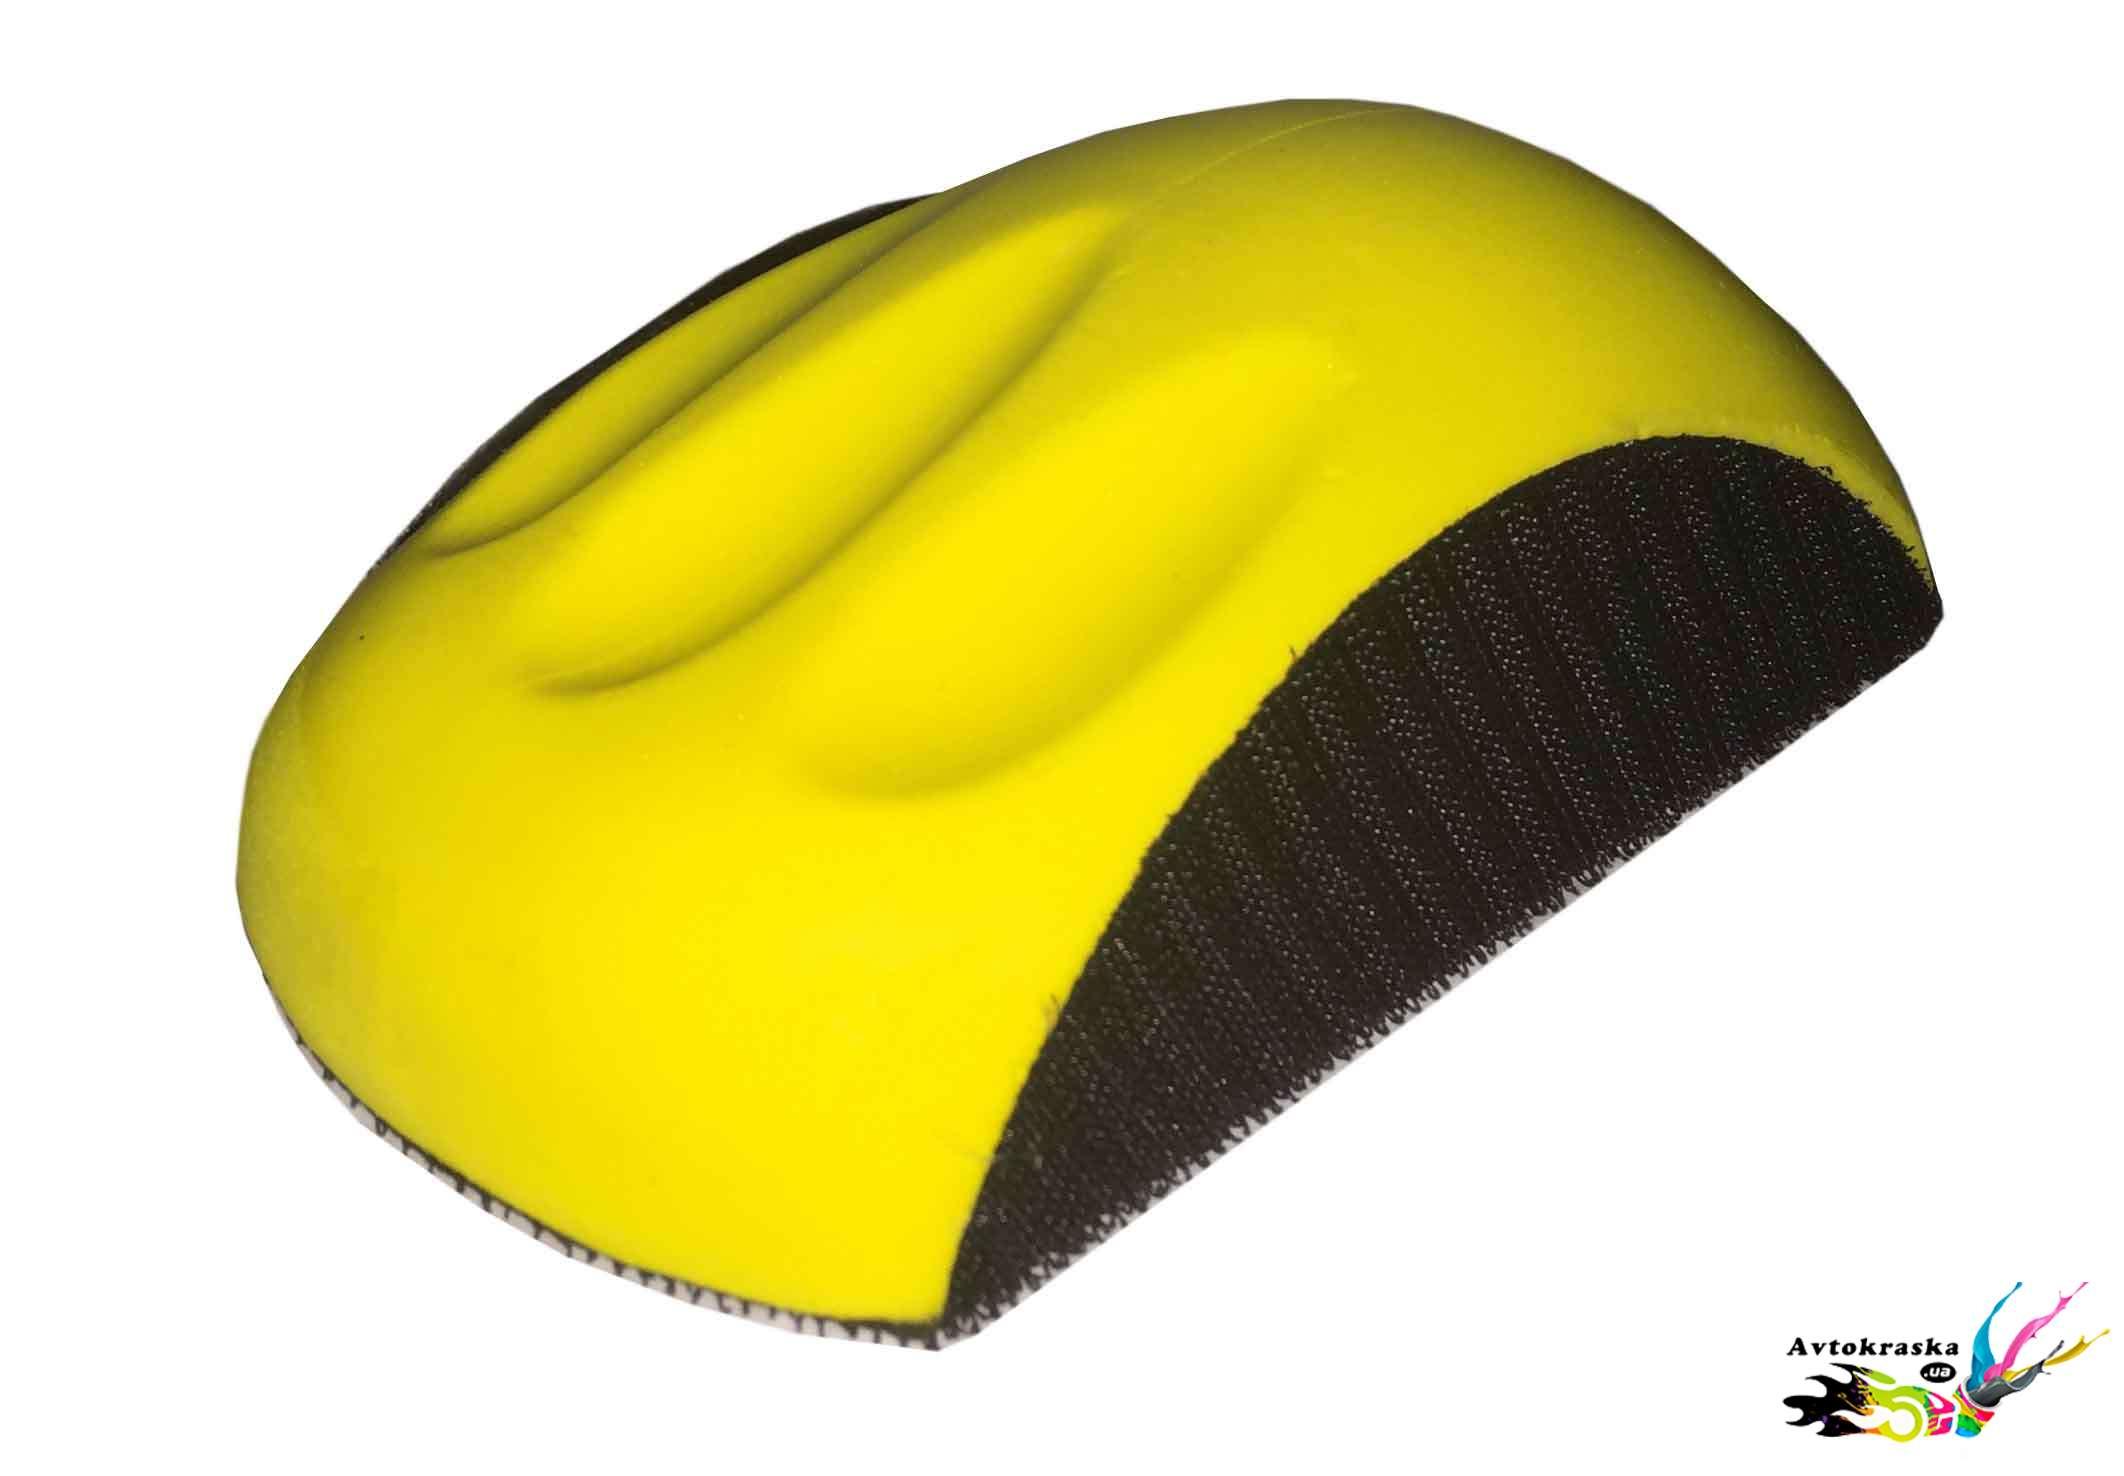 APP Шлифовальный брусок 150251 для абразивных дисков 150 мм - 150251